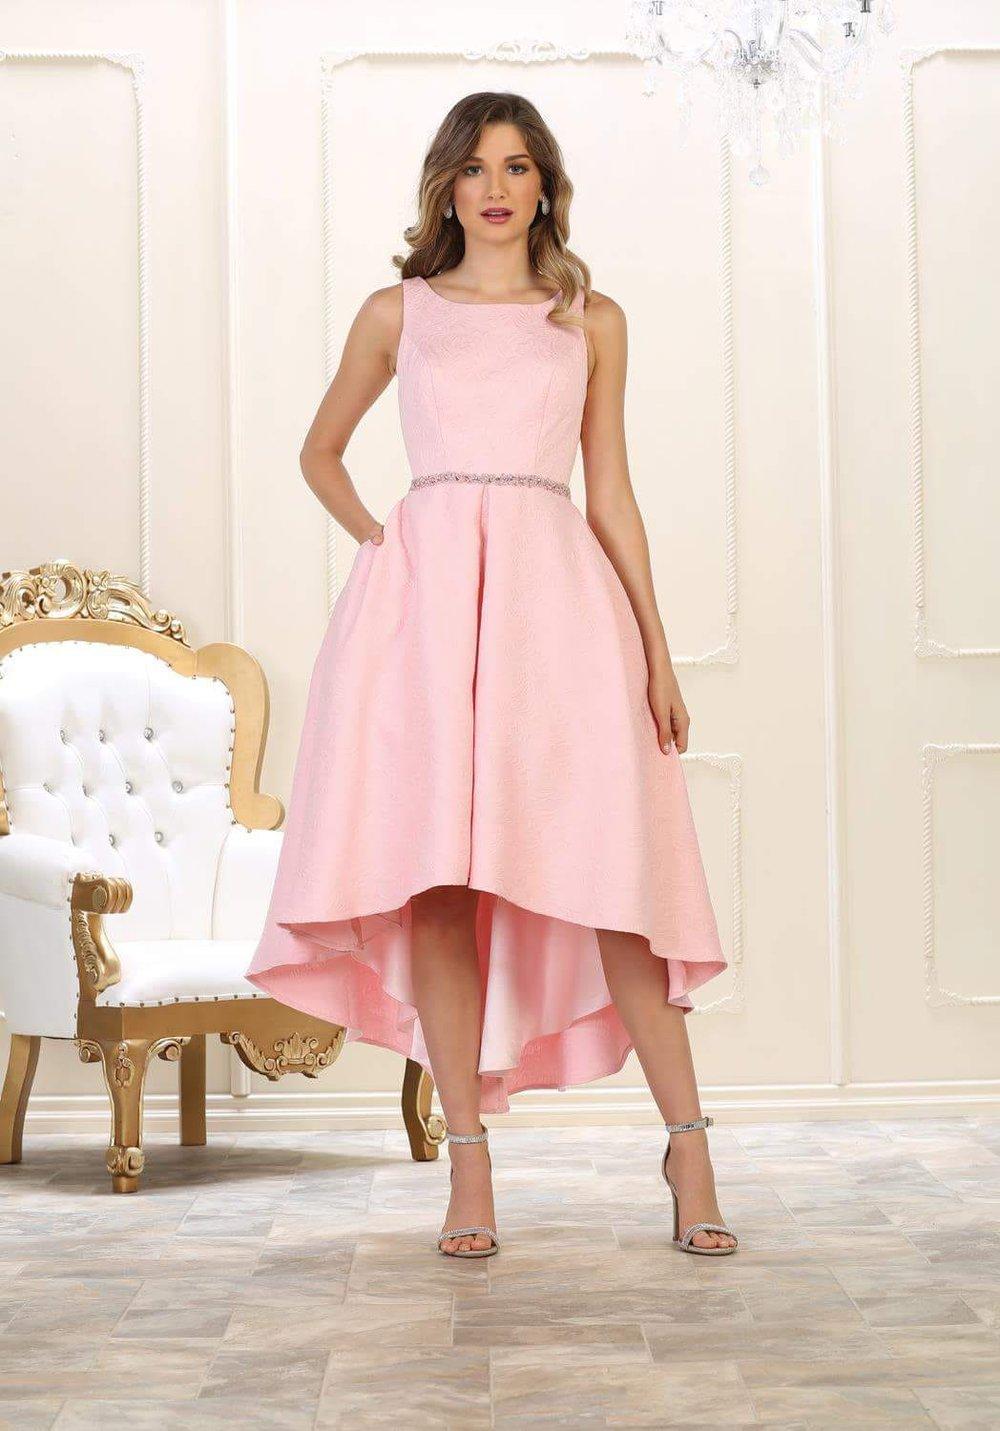 Dresses (31).jpeg